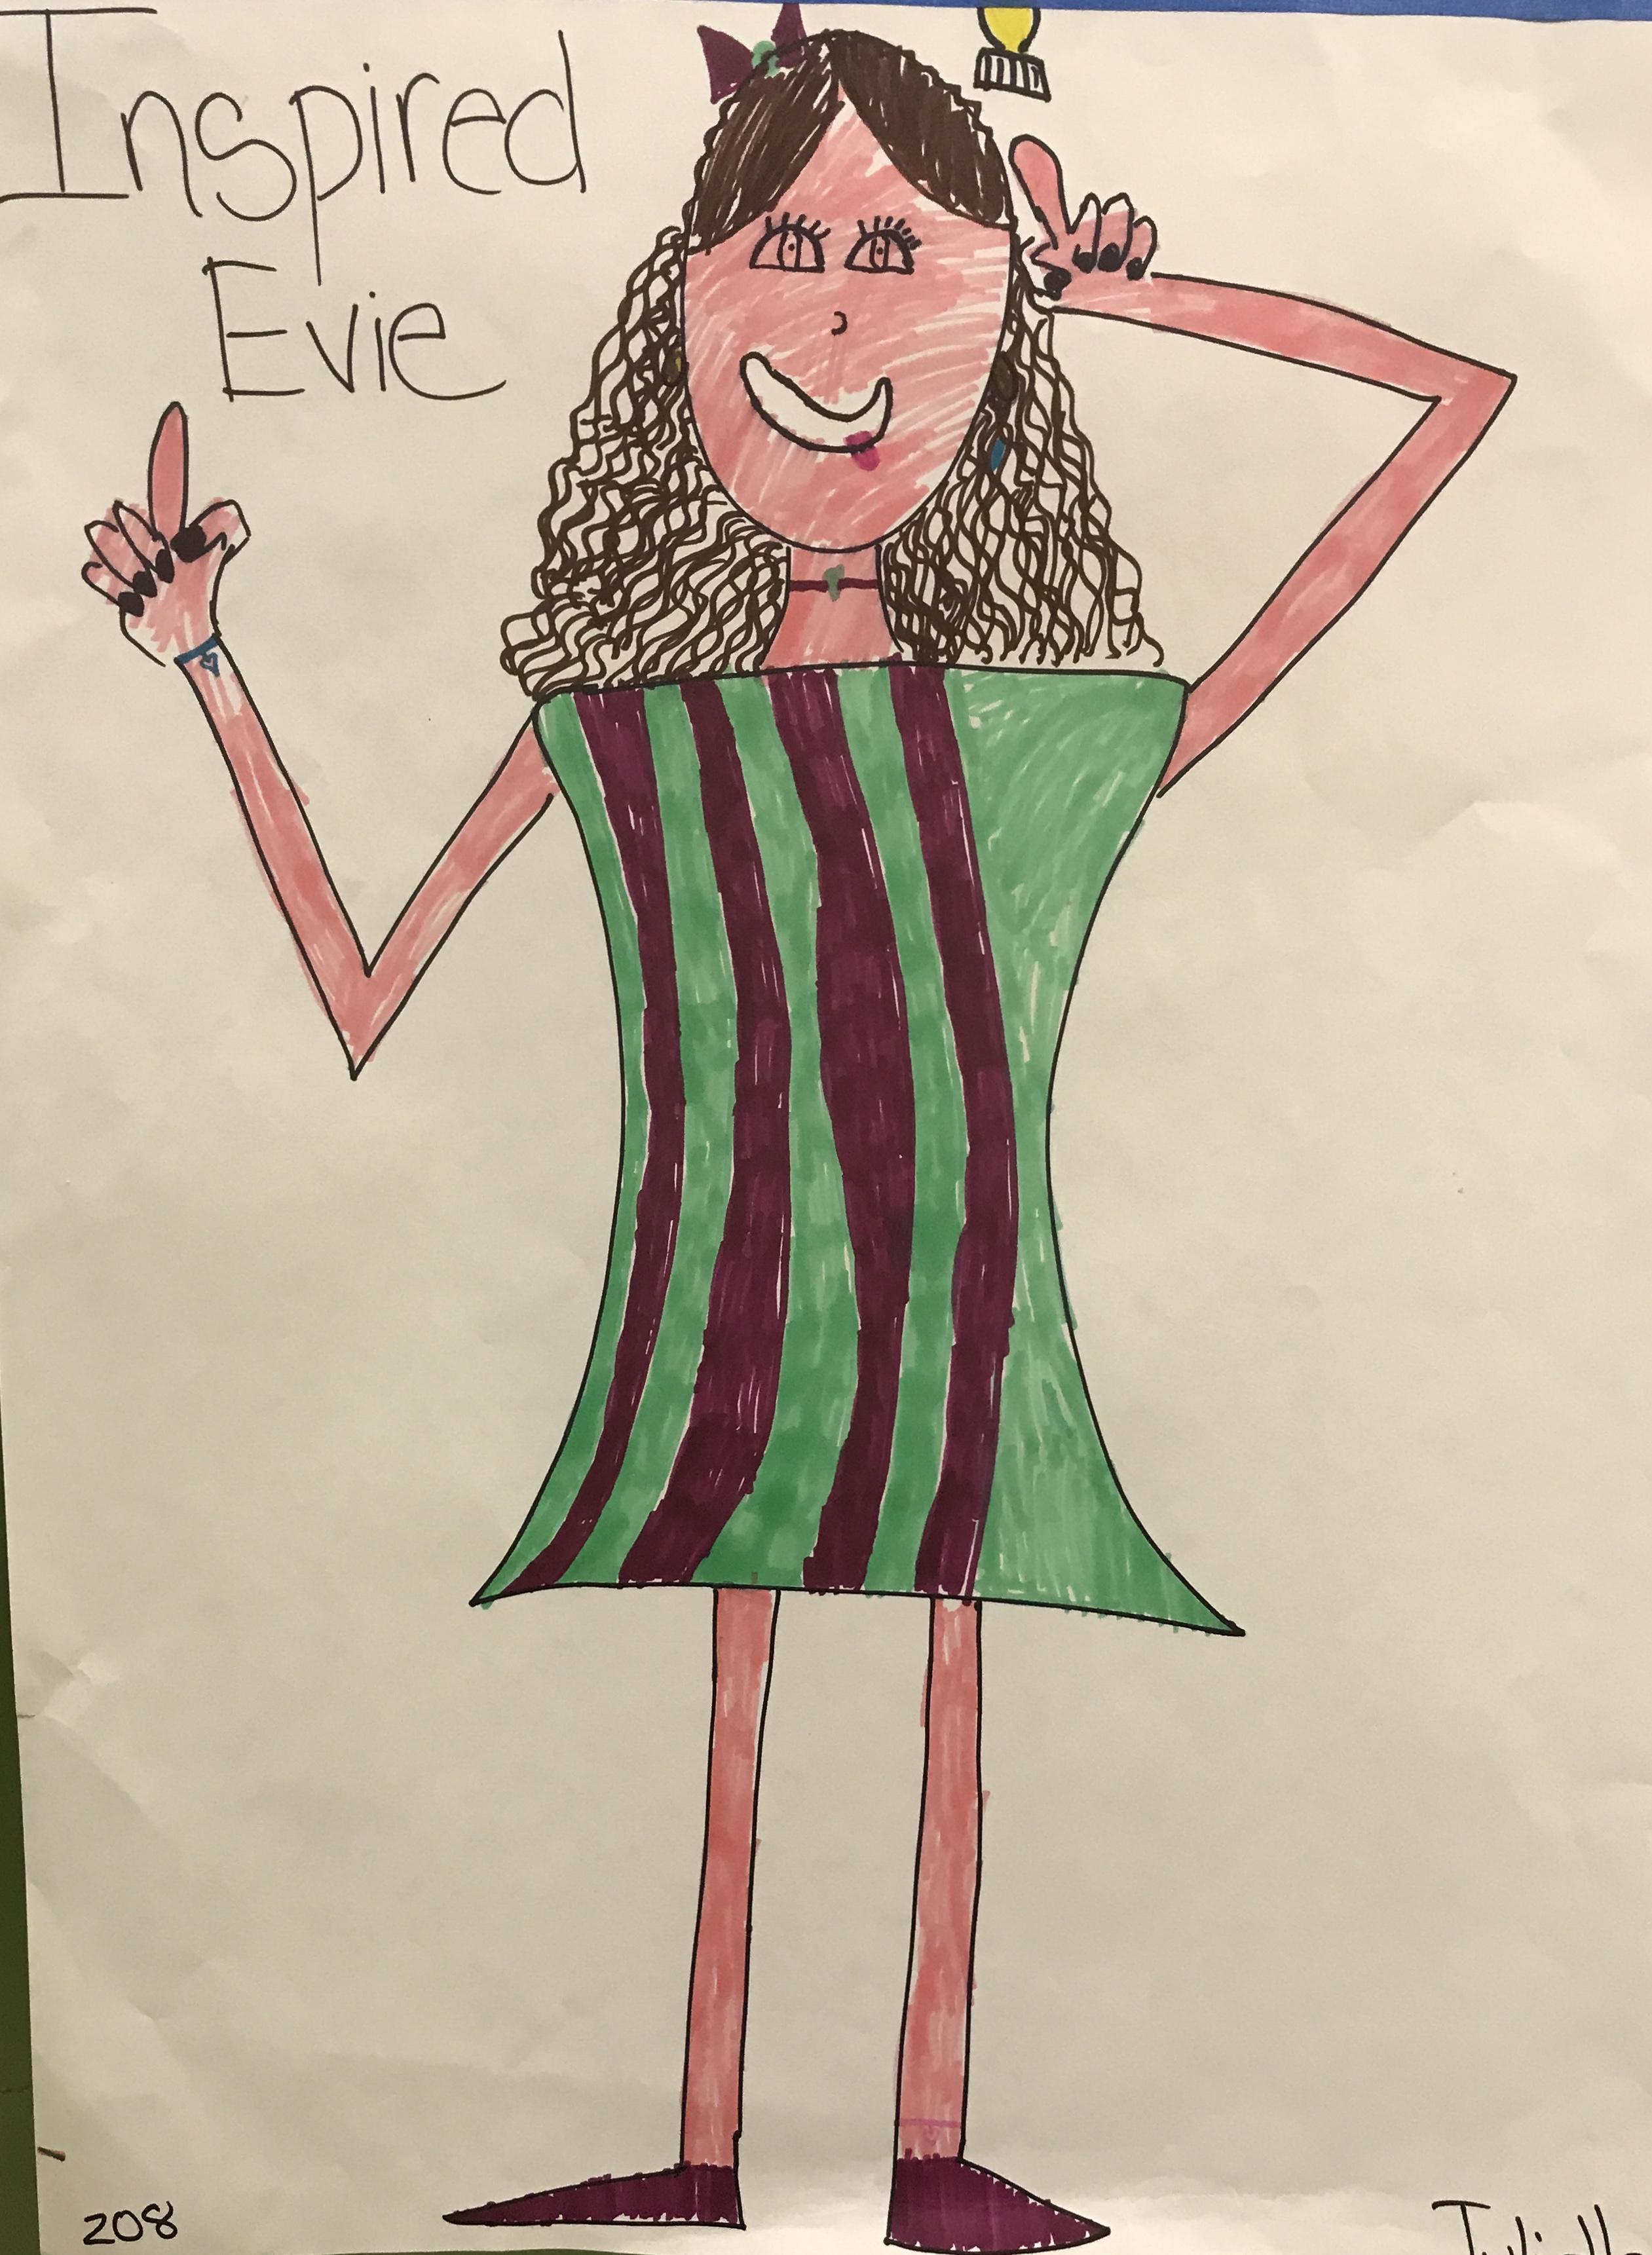 Inspired Evie